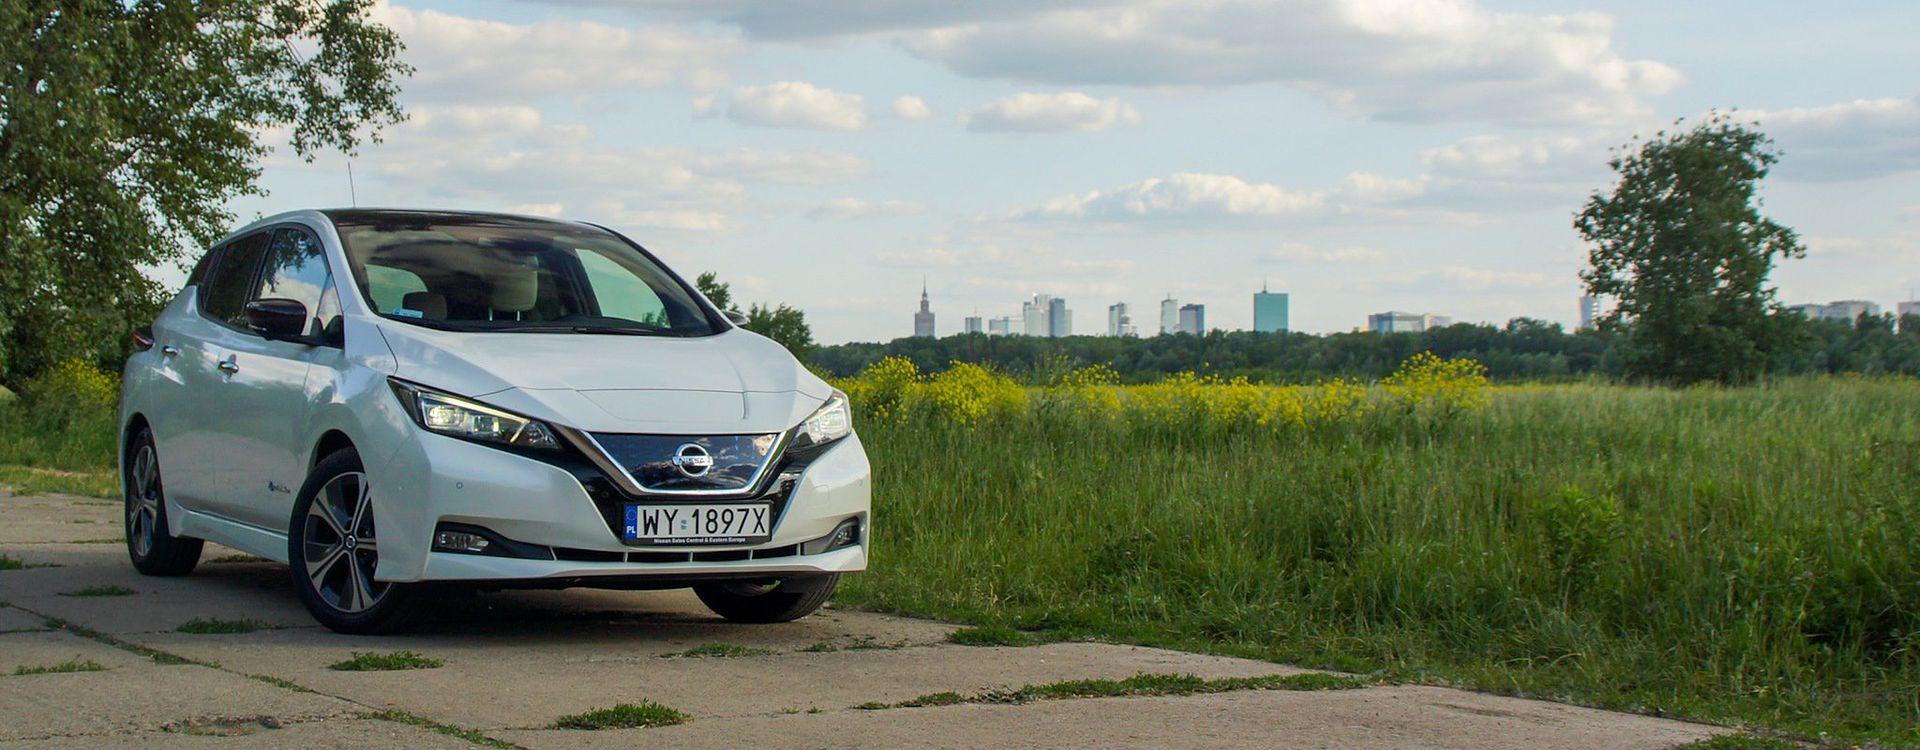 nowy nissan leaf (2018) - test, cena, zasięg | autokult.pl